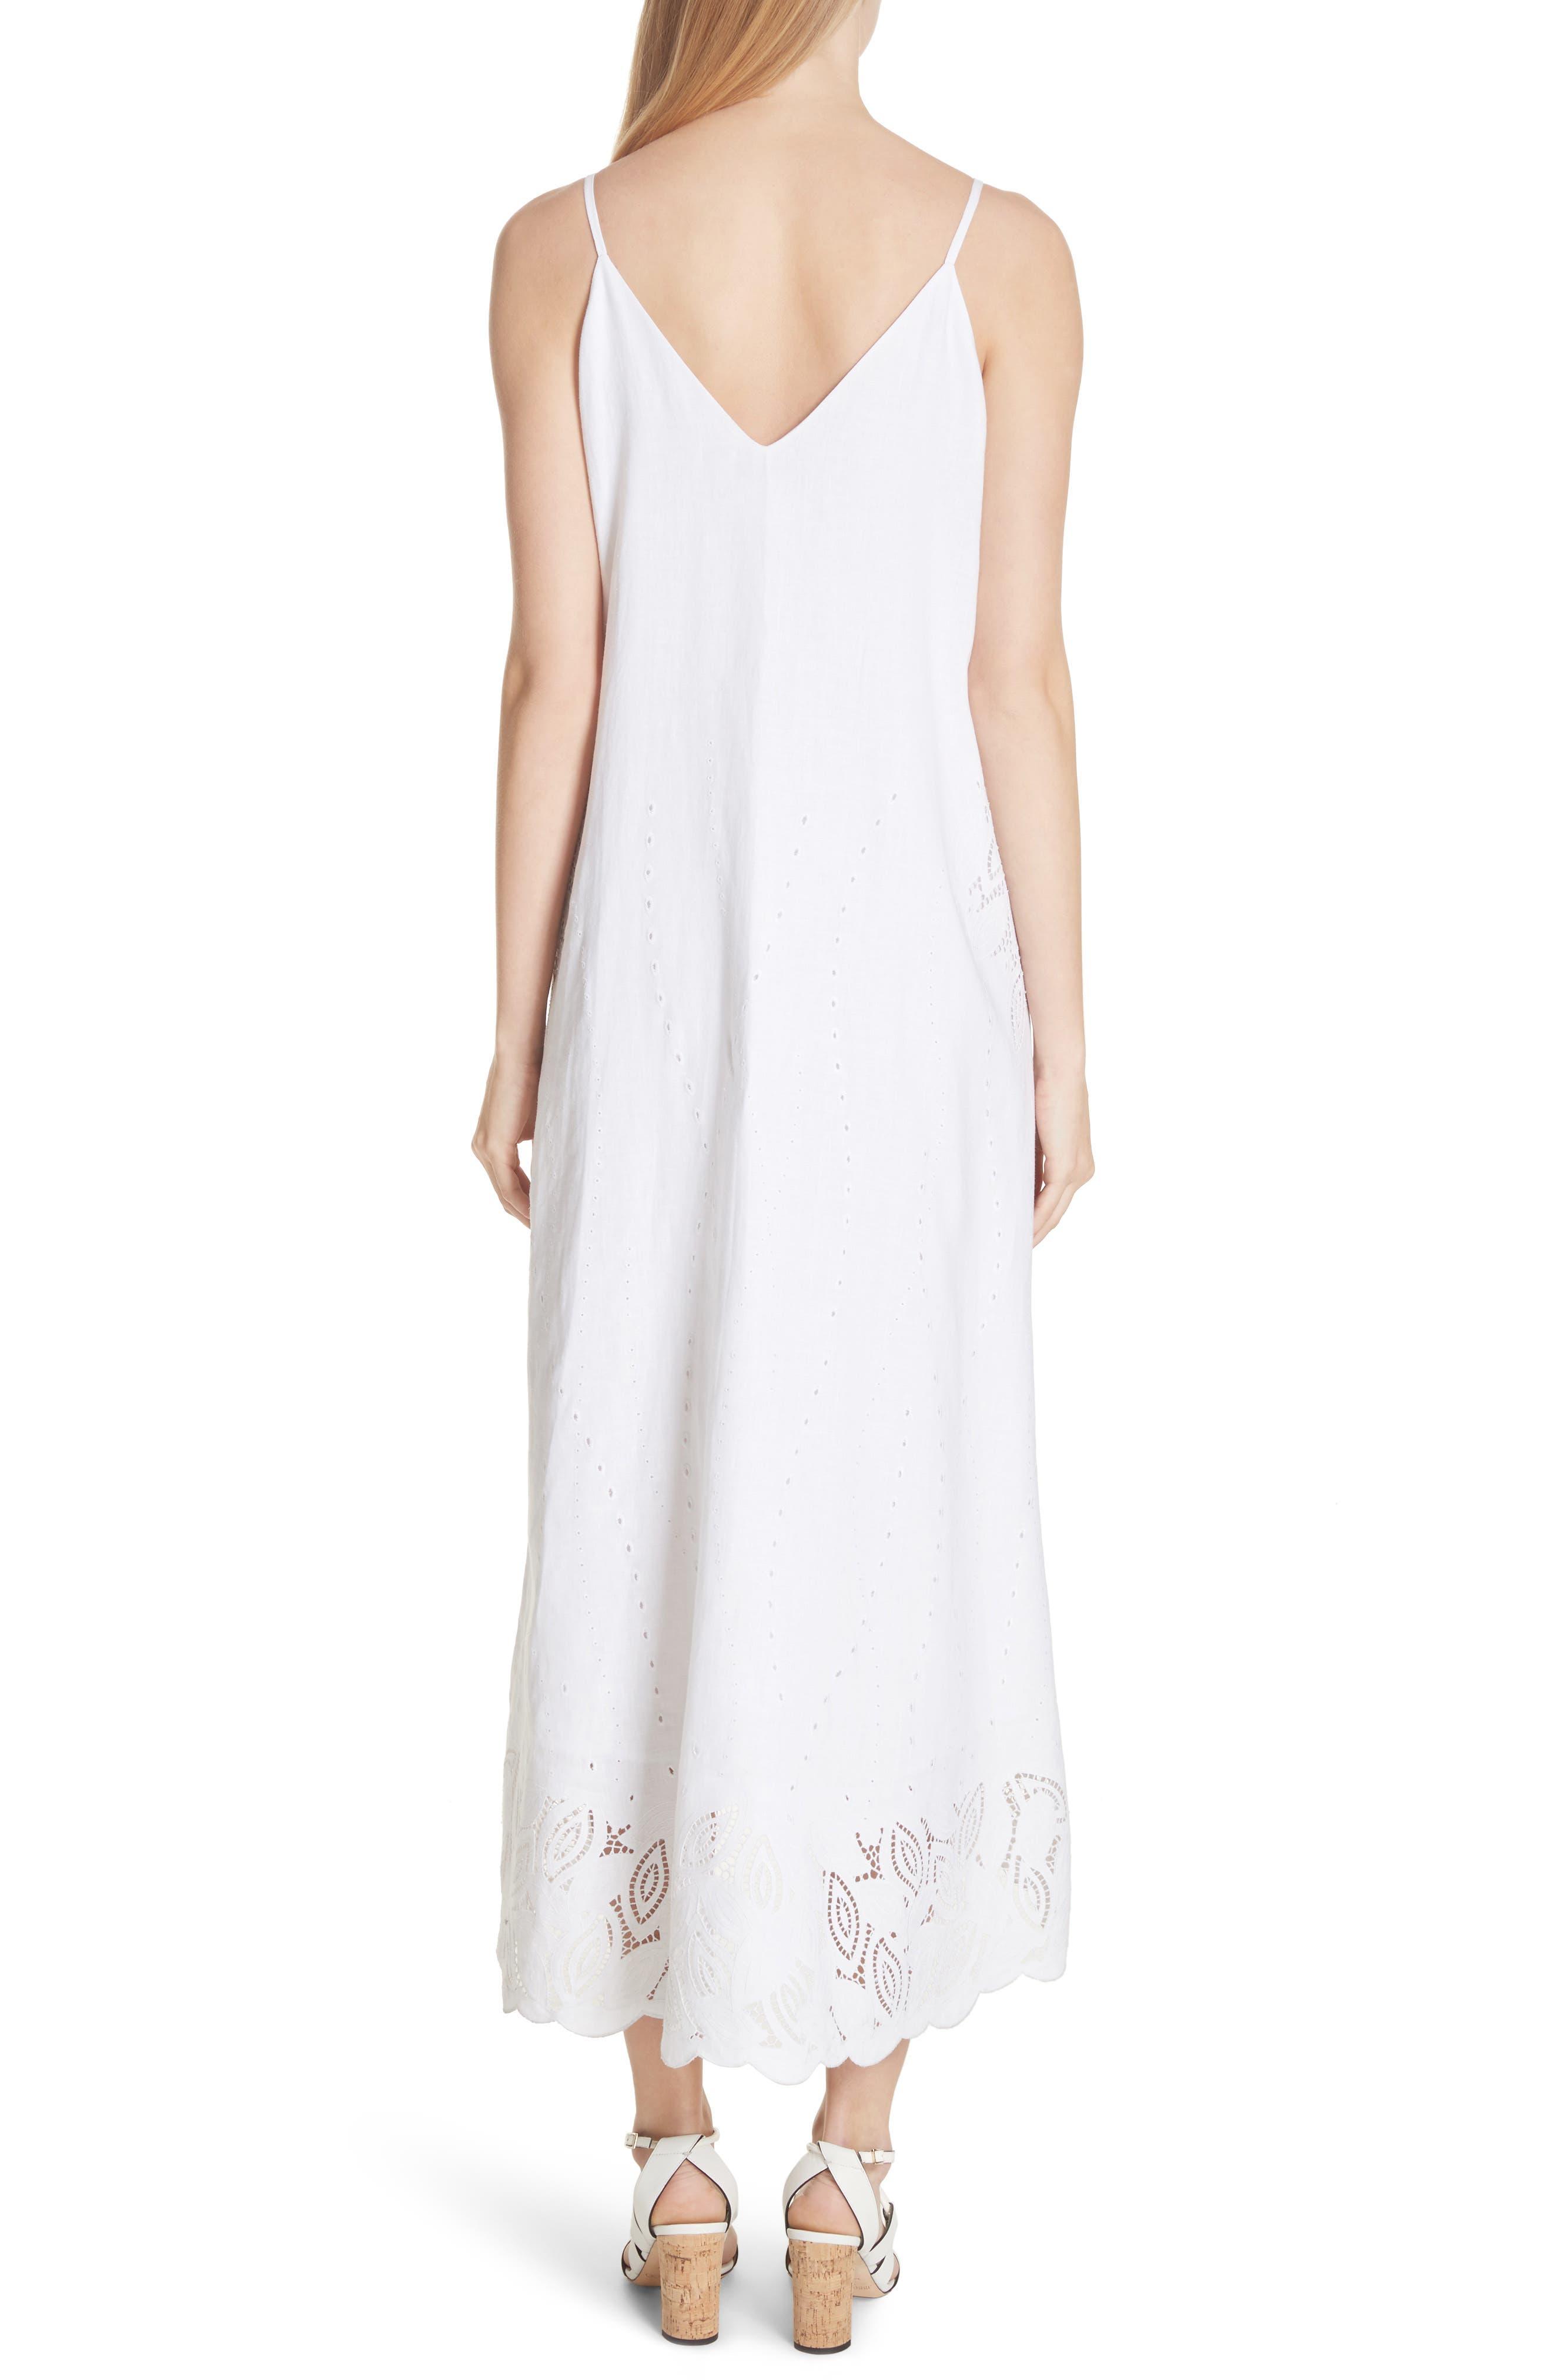 Dominique Linen Cutwork Dress,                             Alternate thumbnail 2, color,                             White